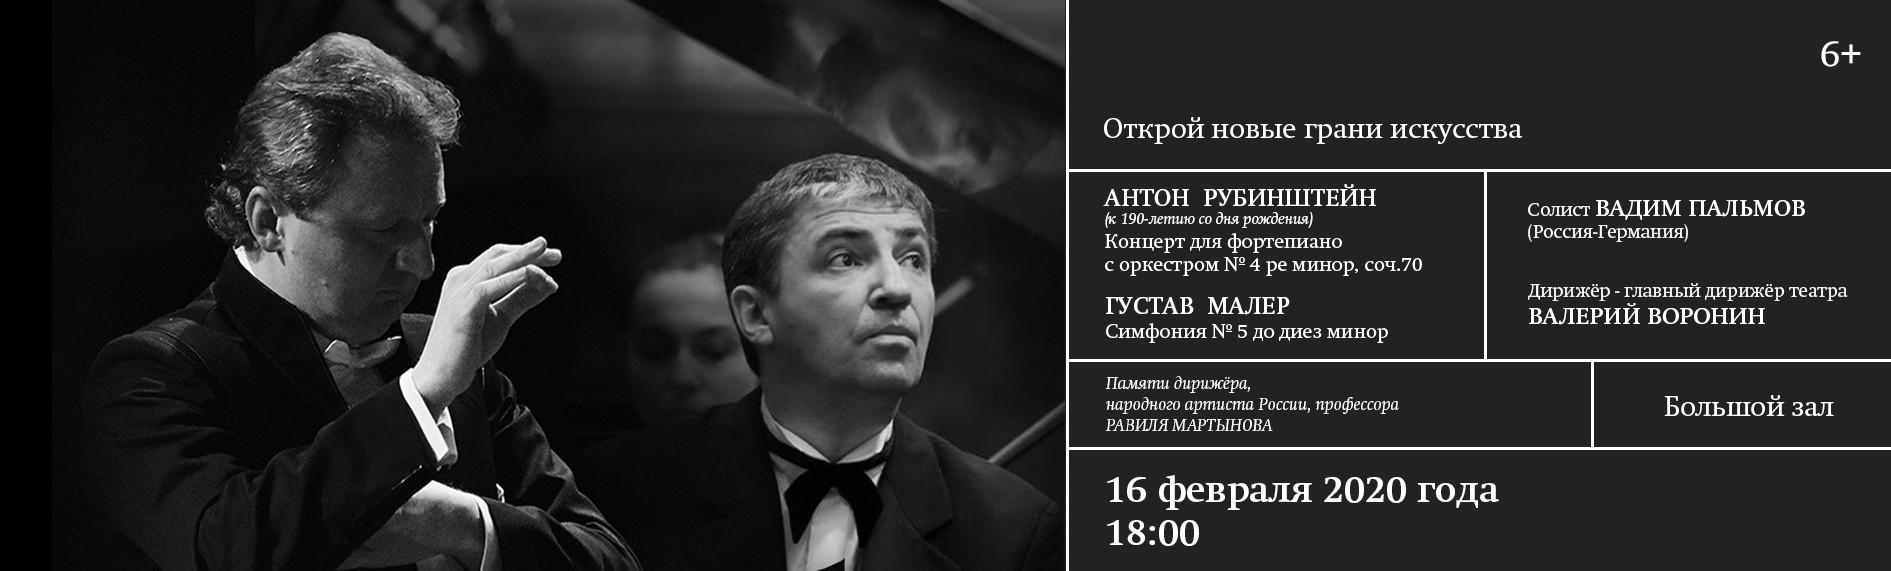 Симфонический концерт памяти Р.Мартынова